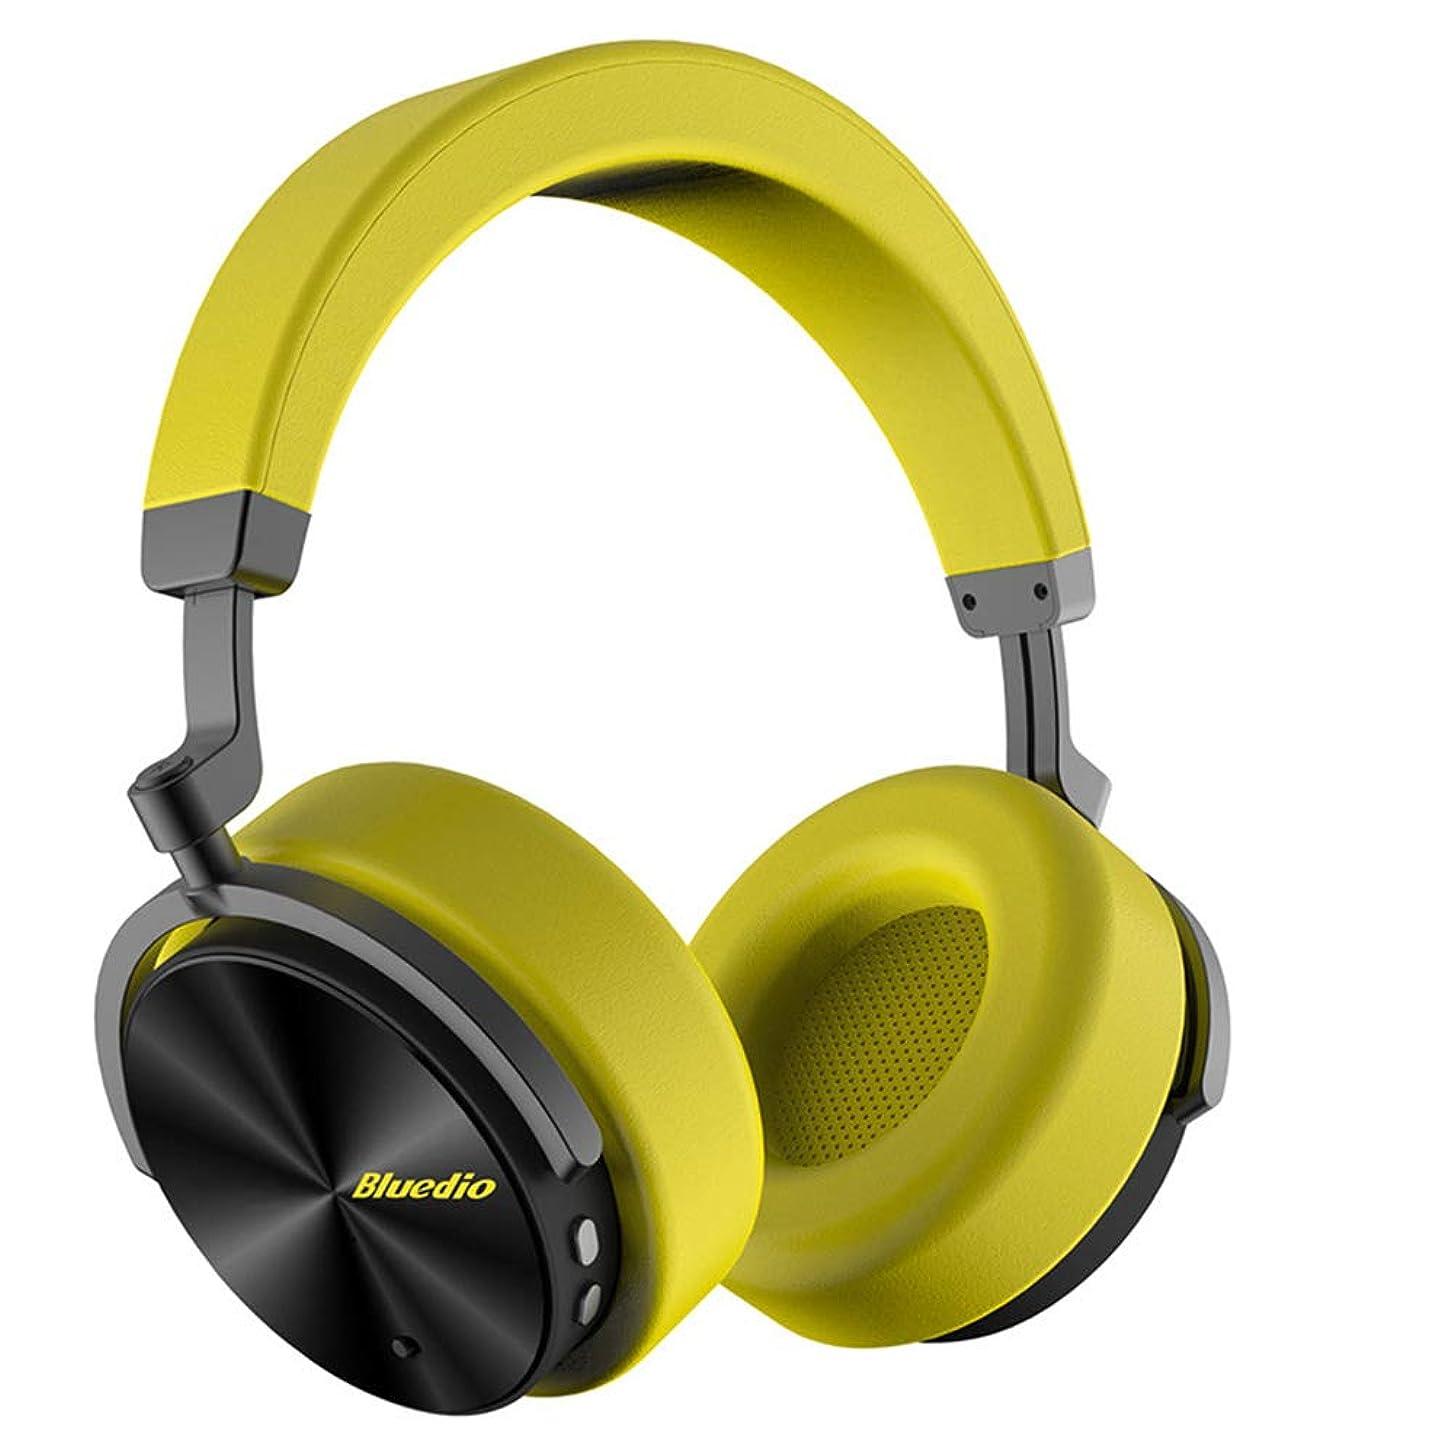 三番容疑者嘆くT5アクティブなノイズキャンセルワイヤレスbluetoothヘッドフォン携帯電話と音楽用マイク付きポータブルヘッドセット,Yellow